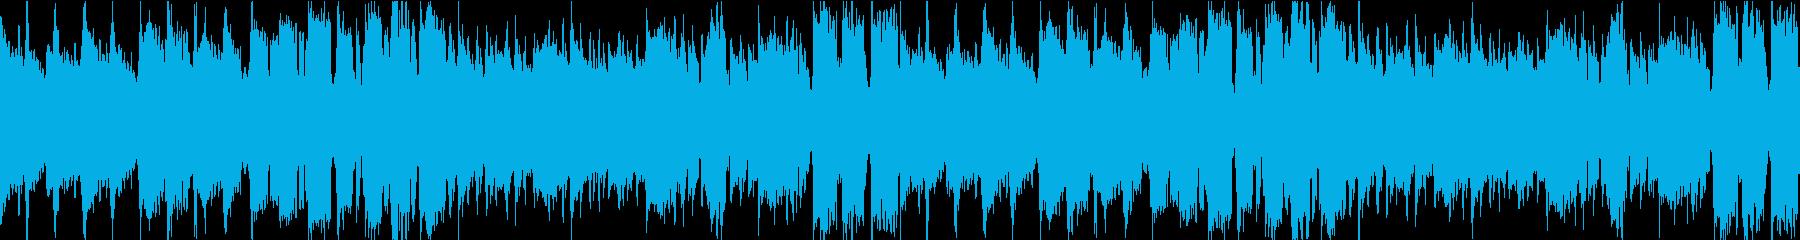 ほのぼのゆったりした曲の再生済みの波形